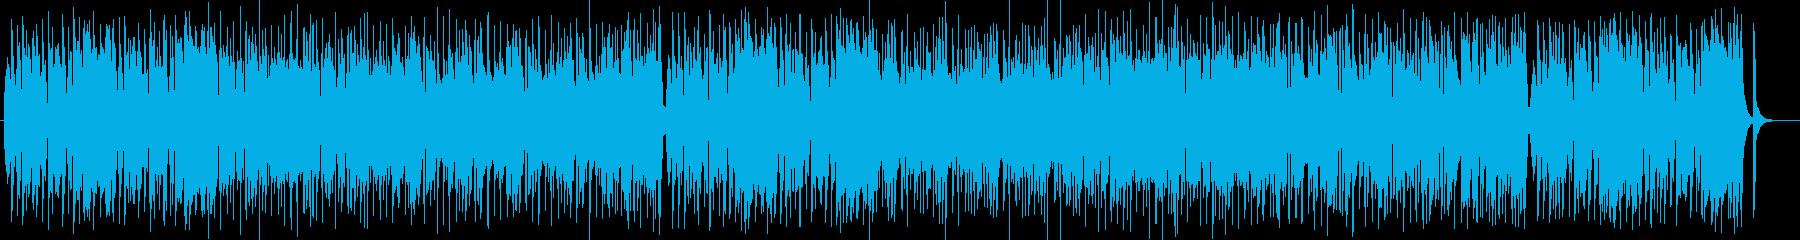 可愛く楽しげなシンセサイザーサウンドの再生済みの波形